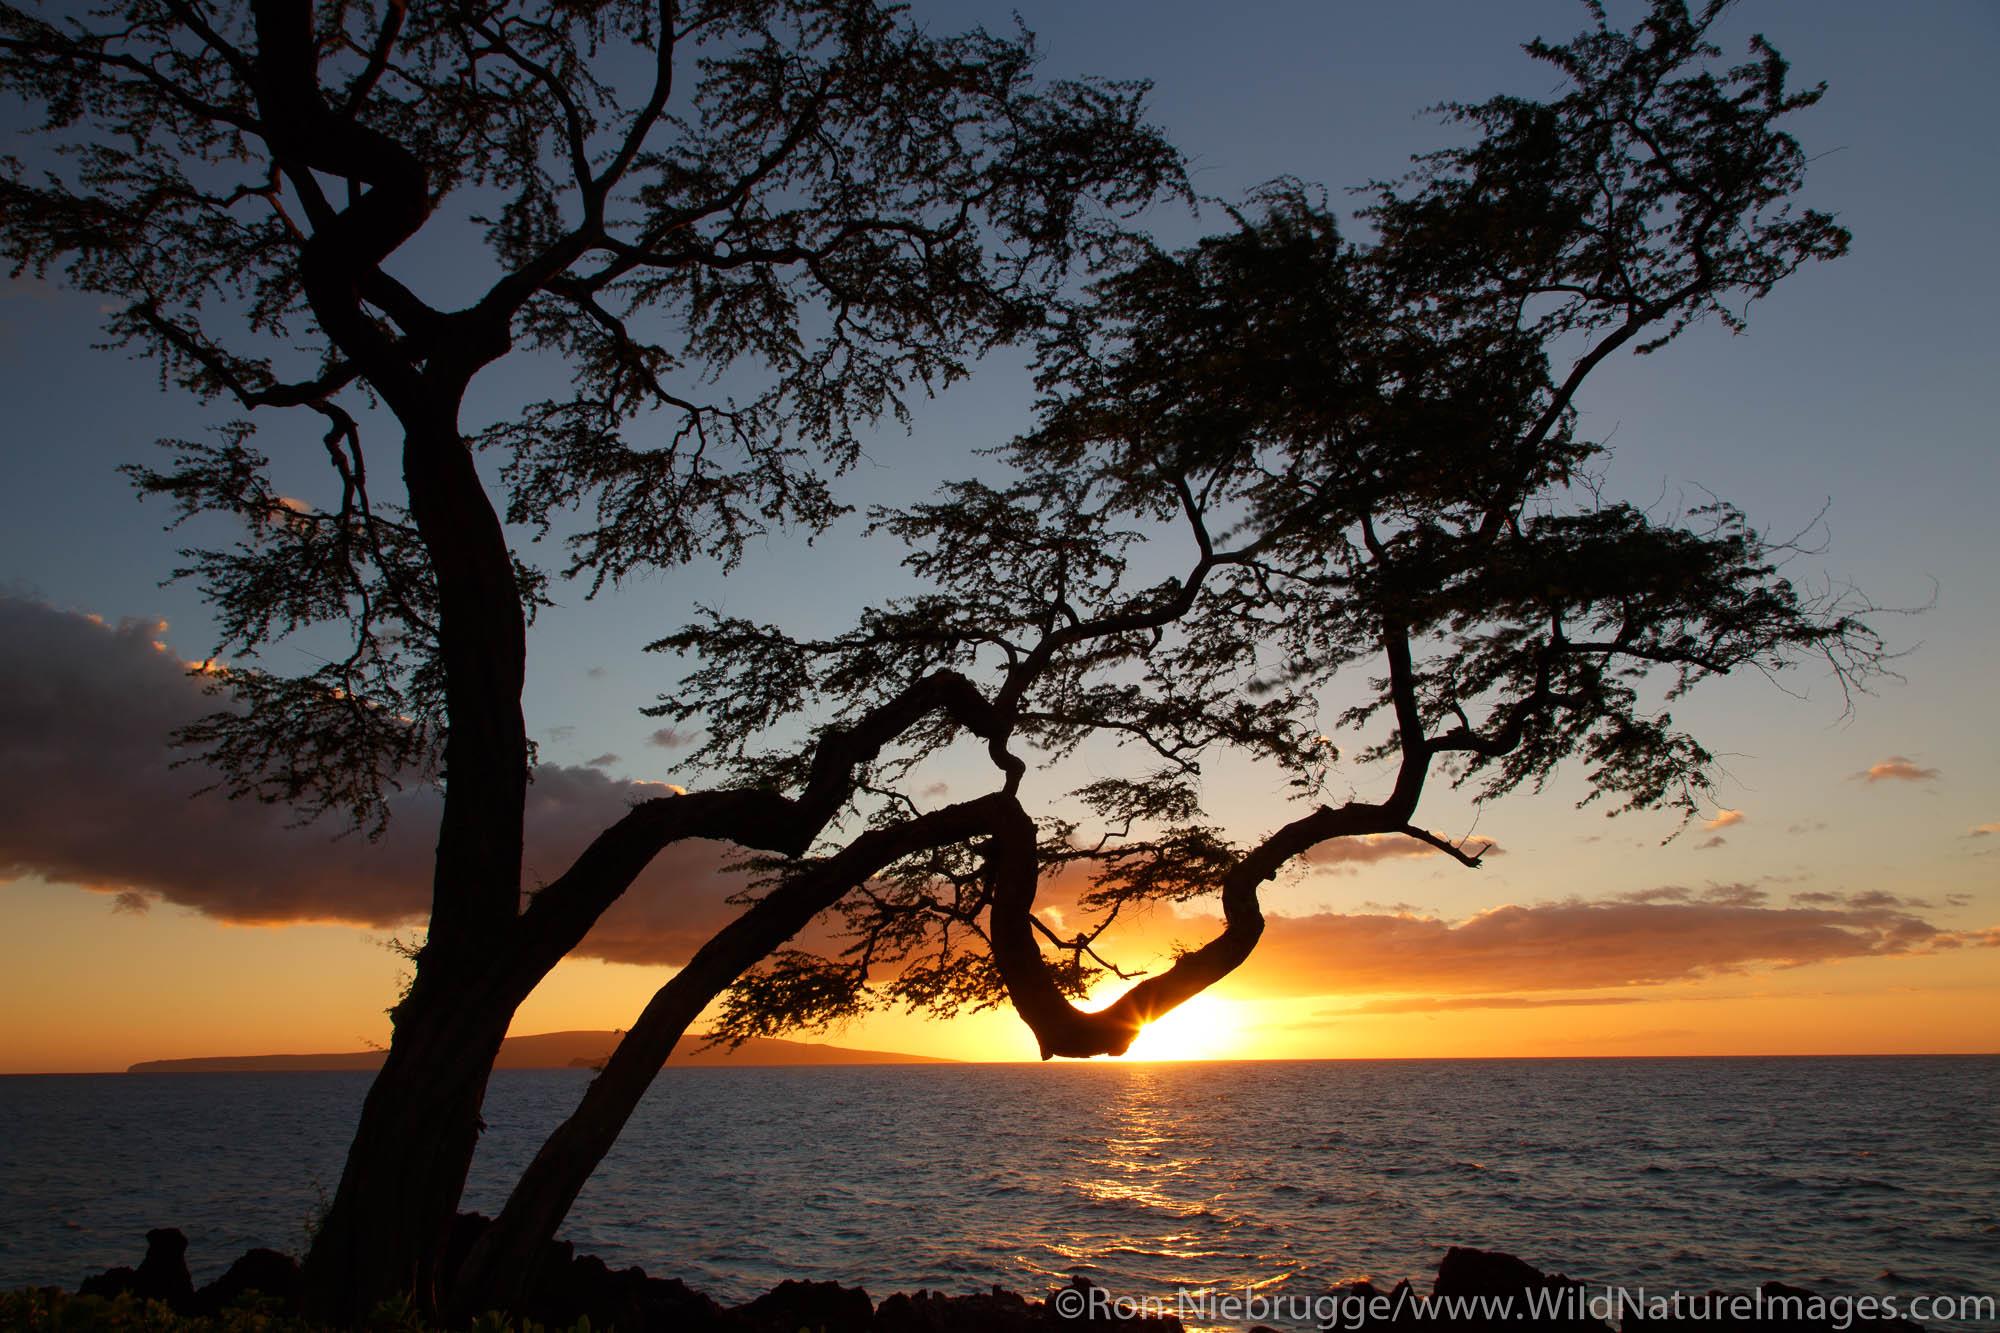 Sunset, Wailea Beach, Maui, Hawaii.